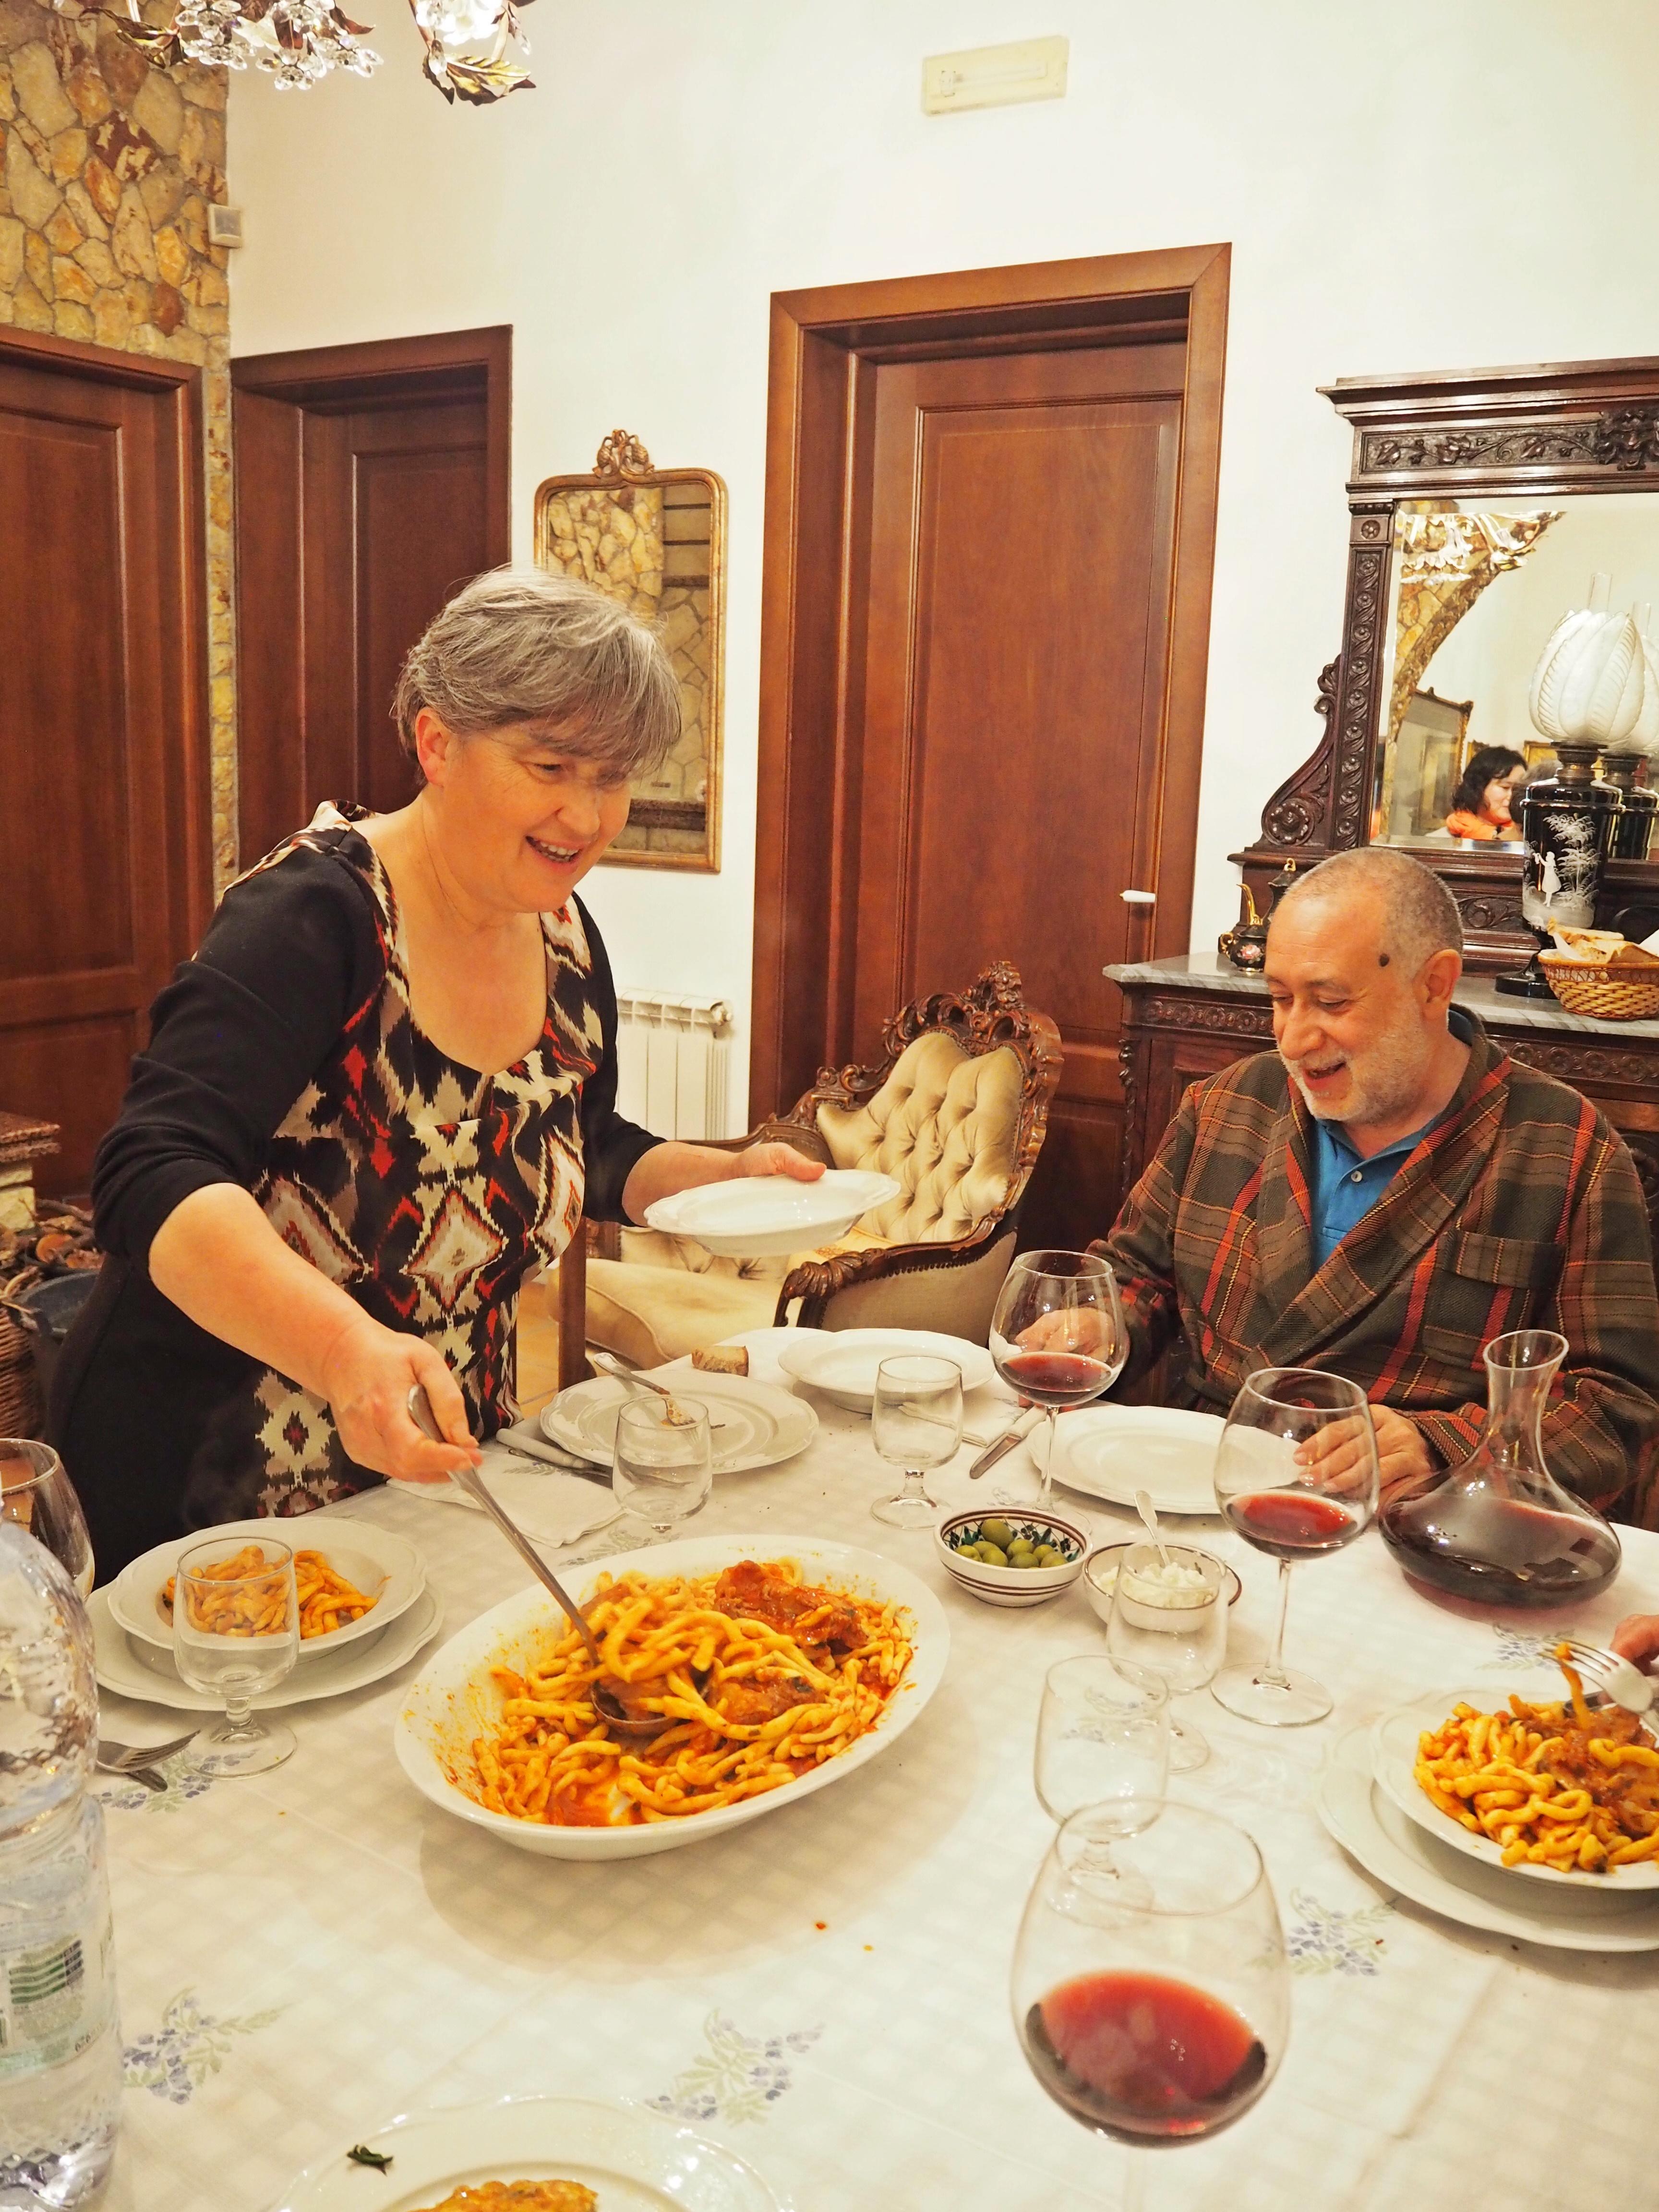 マンマにお祝い料理を習おう!